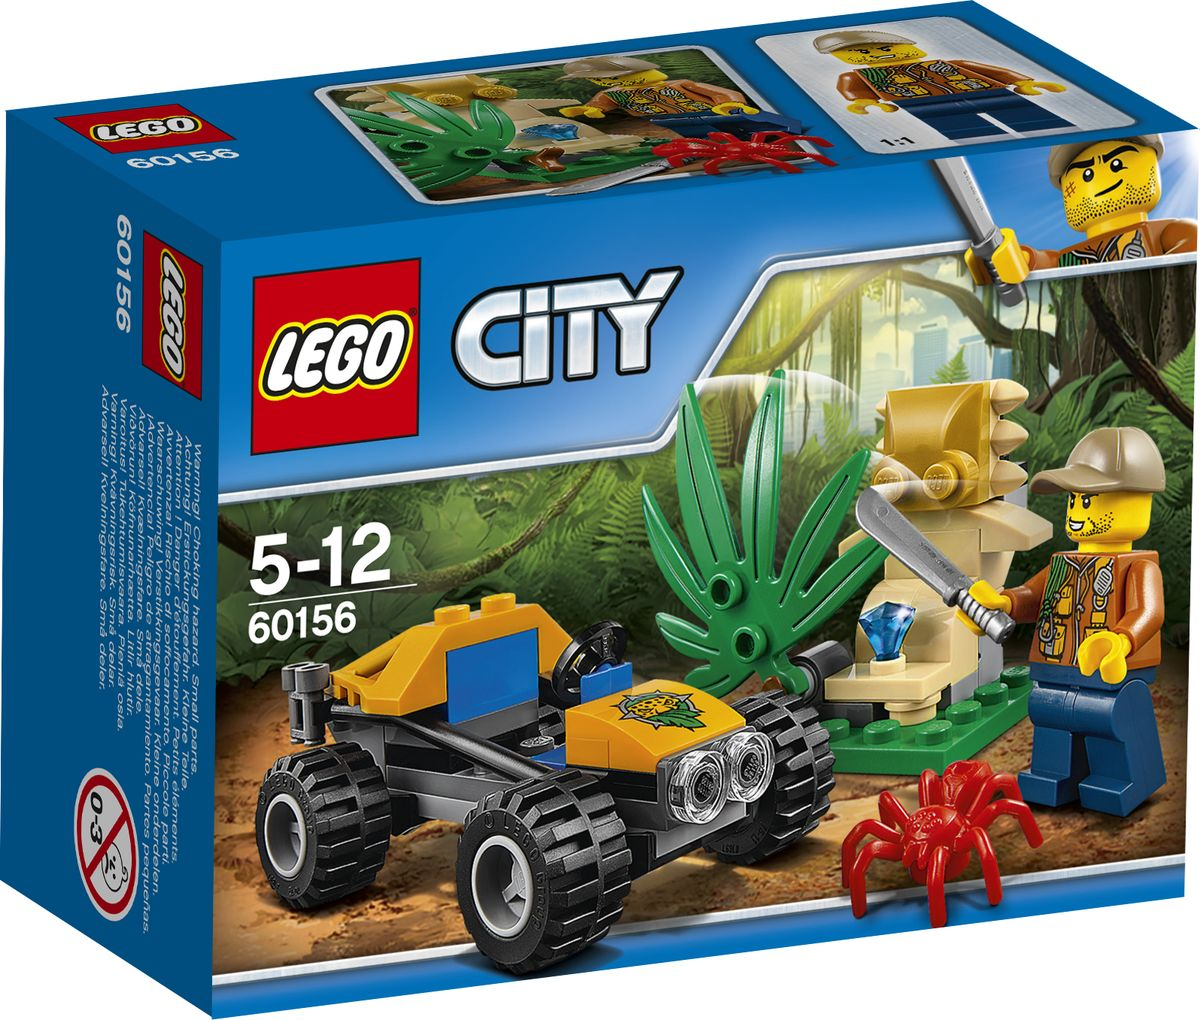 LEGO City Jungle Explorer Конструктор Багги для поездок по джунглям 60156 конструктор lego city jungle explorer исследование джунглей 60159